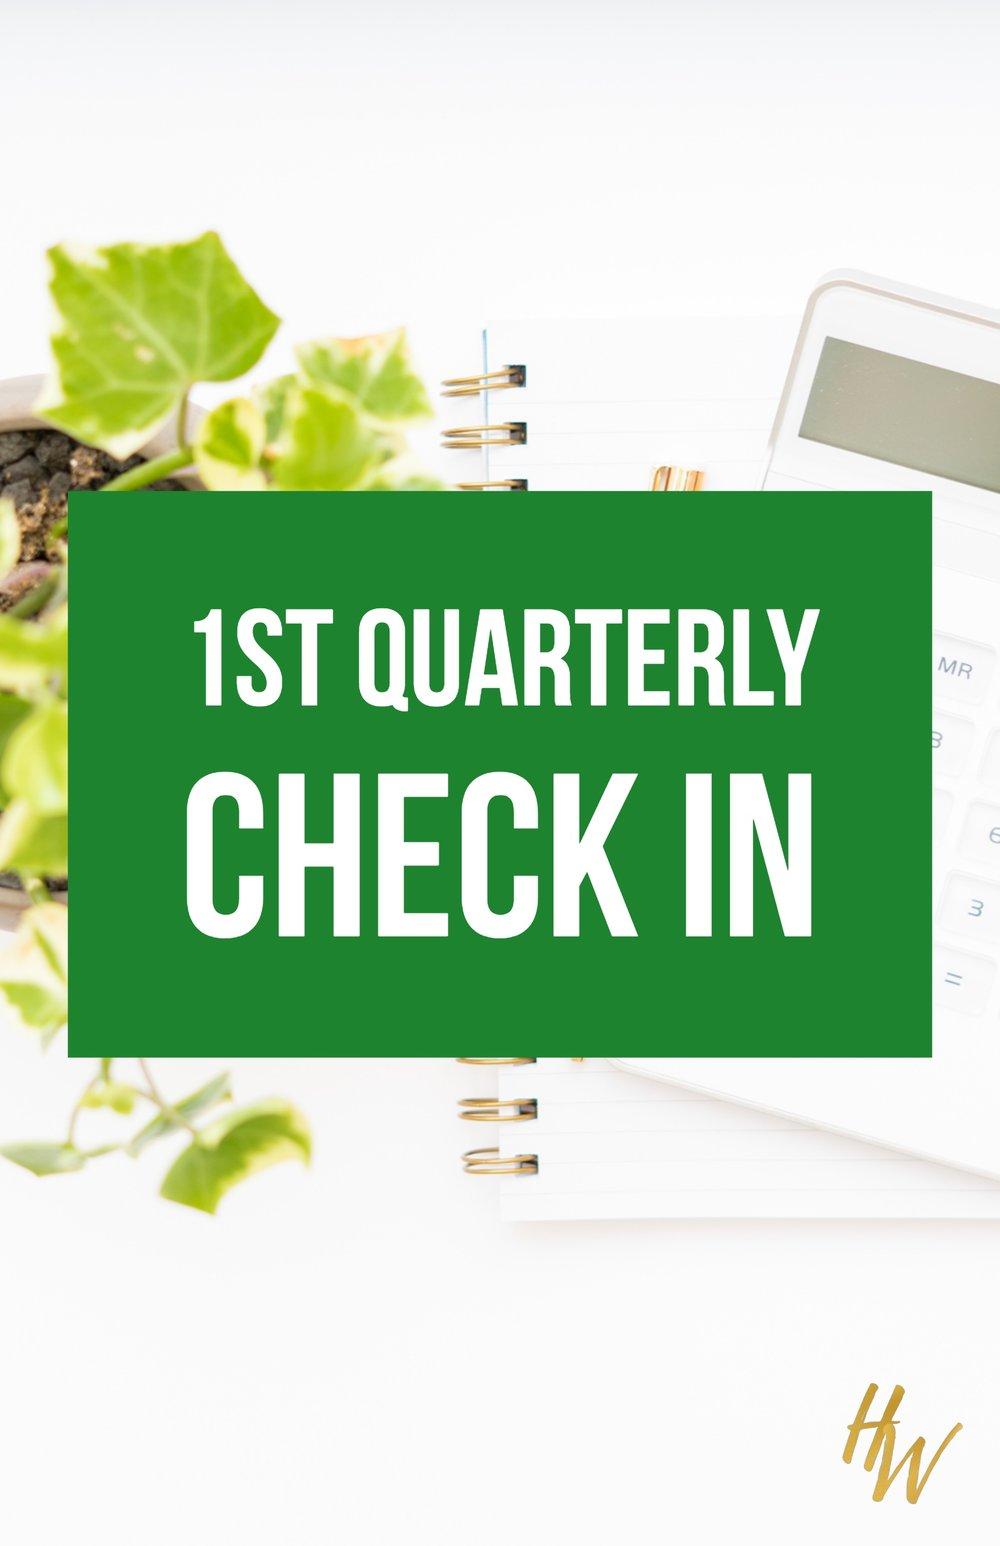 1st quarterly check in for entrepreneurs